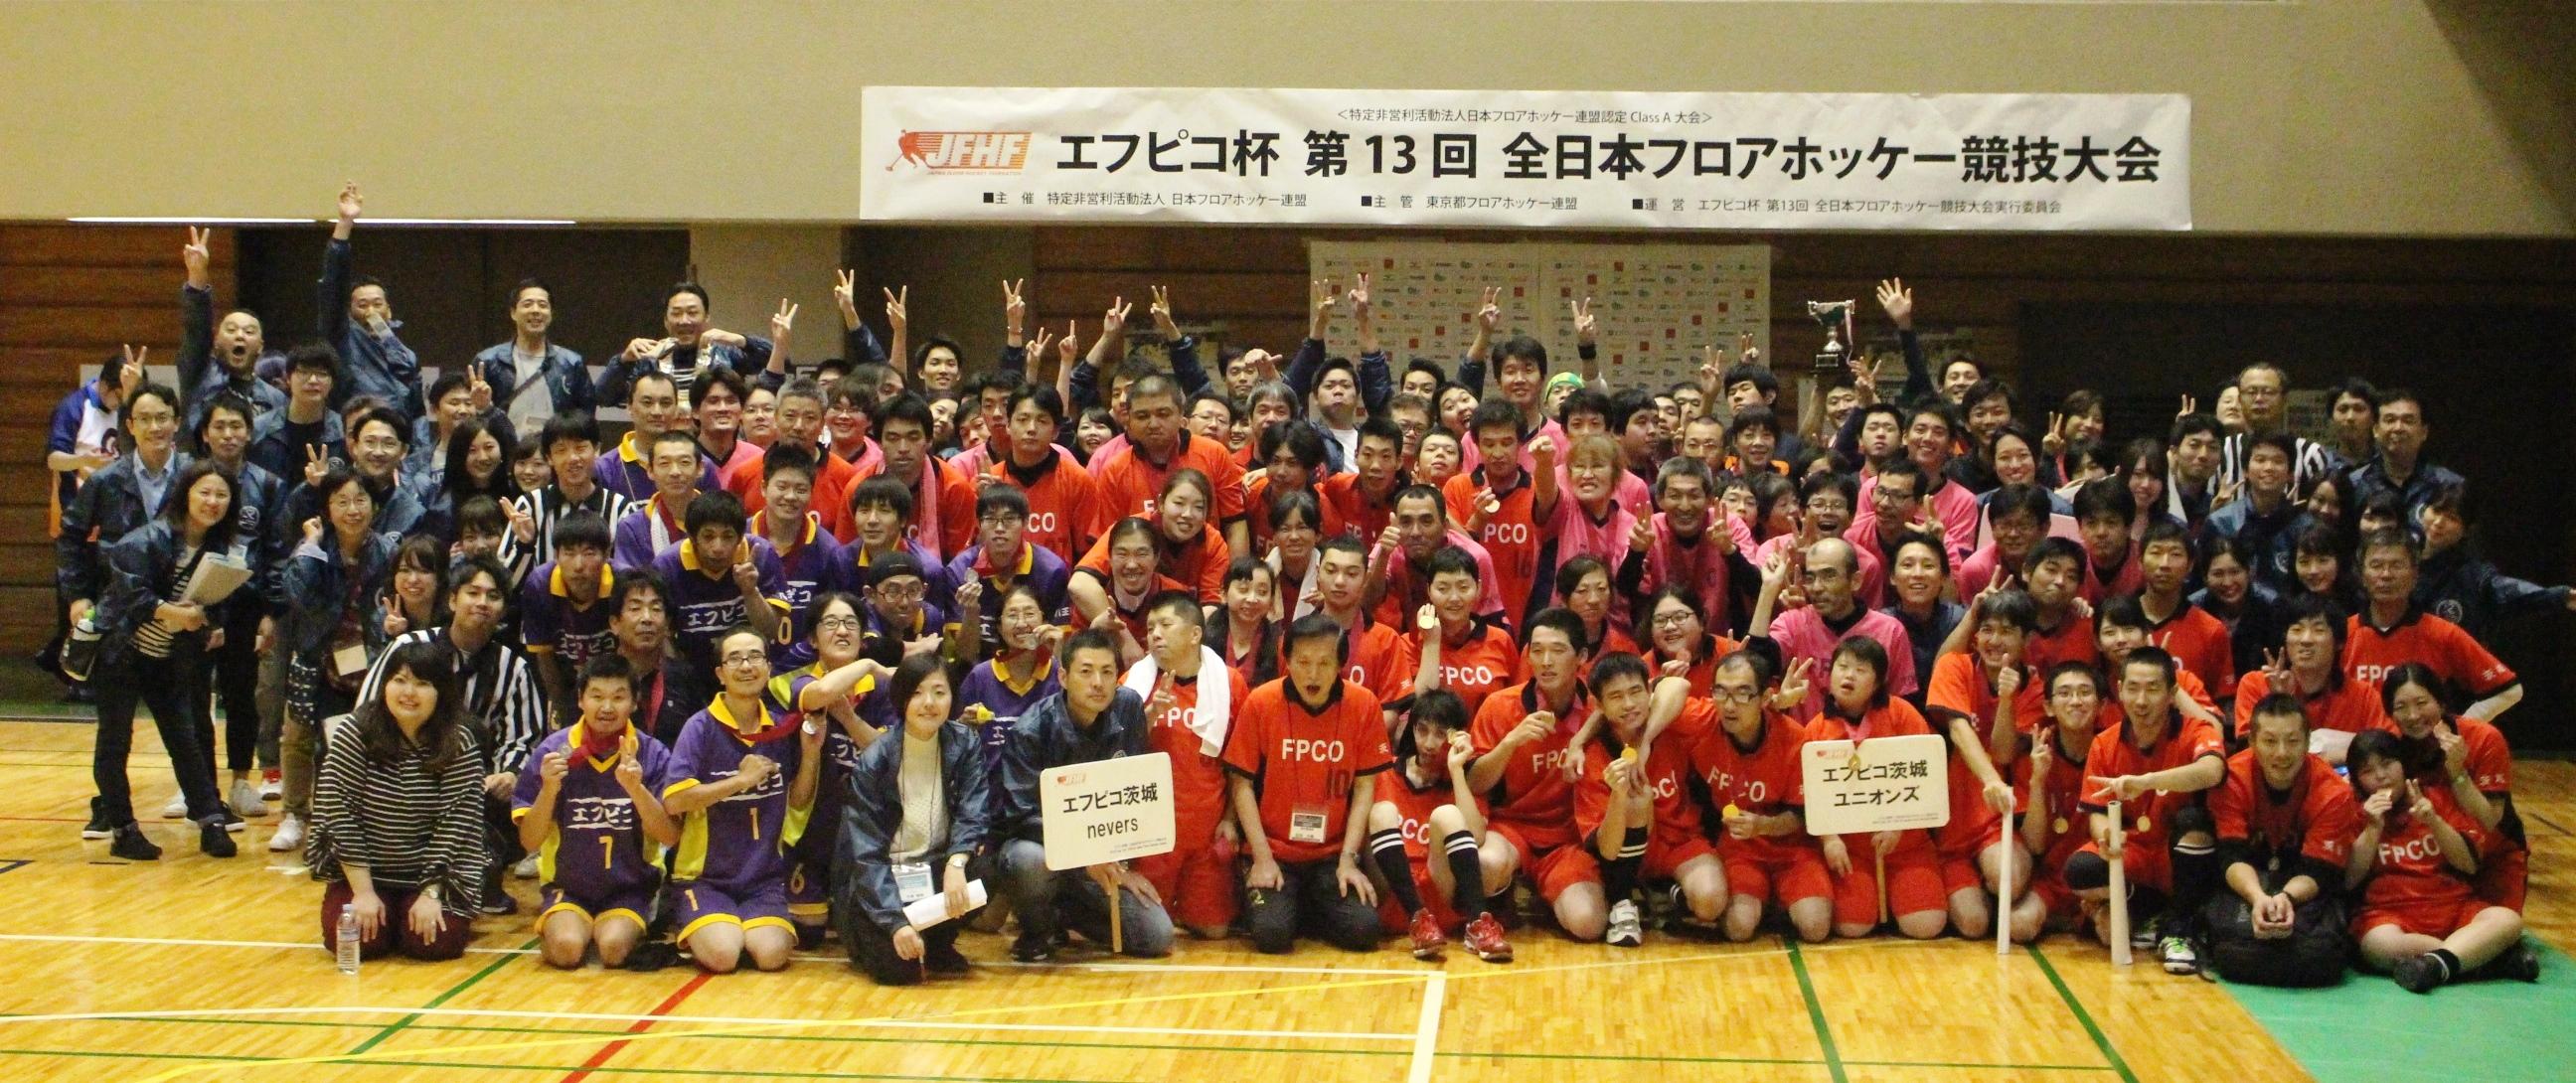 「東京都スポーツ推進企業」に認定されました